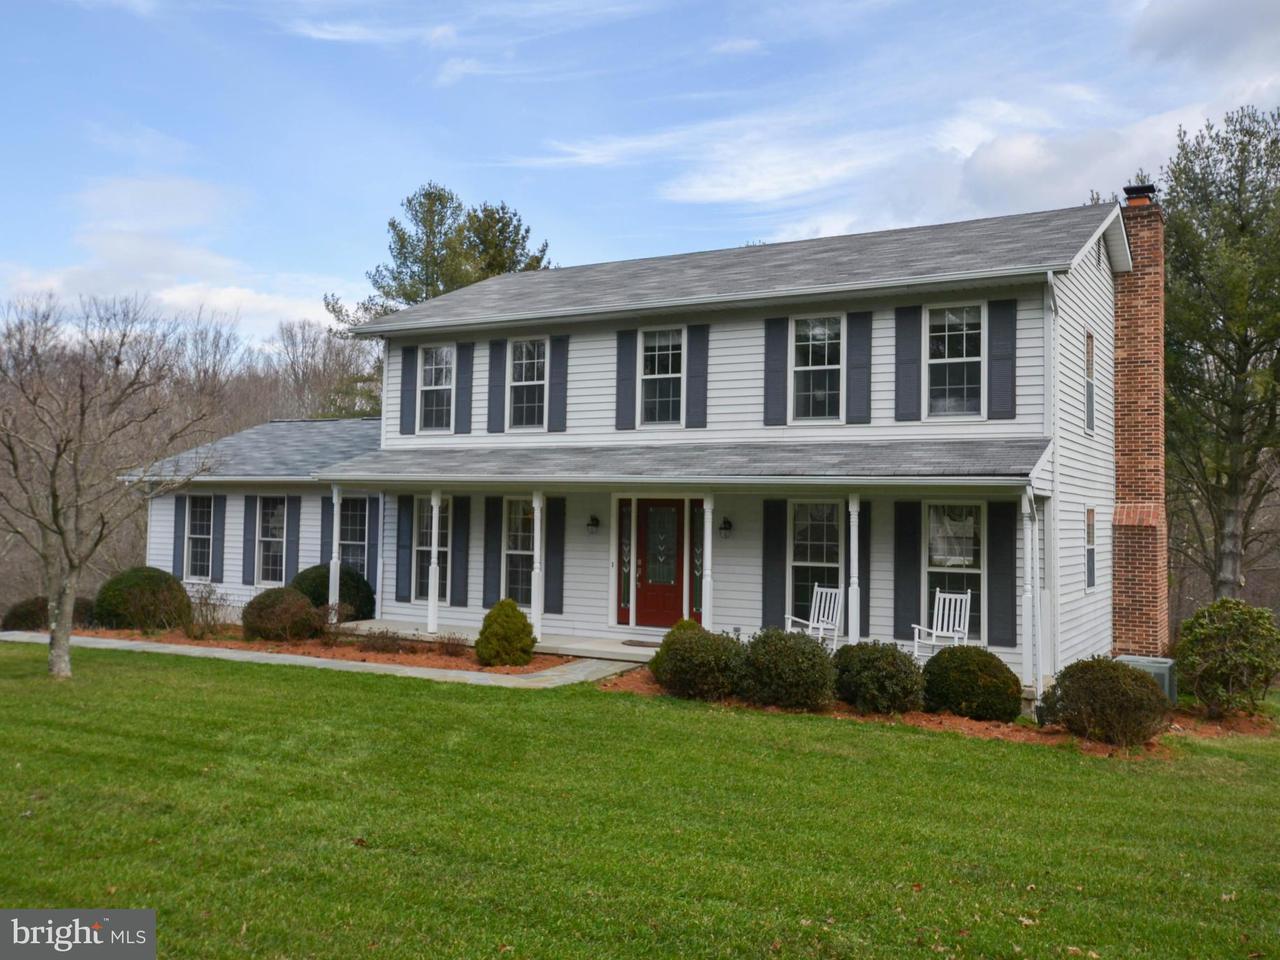 一戸建て のために 売買 アット 4433 INDIGO Lane 4433 INDIGO Lane Harwood, メリーランド 20776 アメリカ合衆国